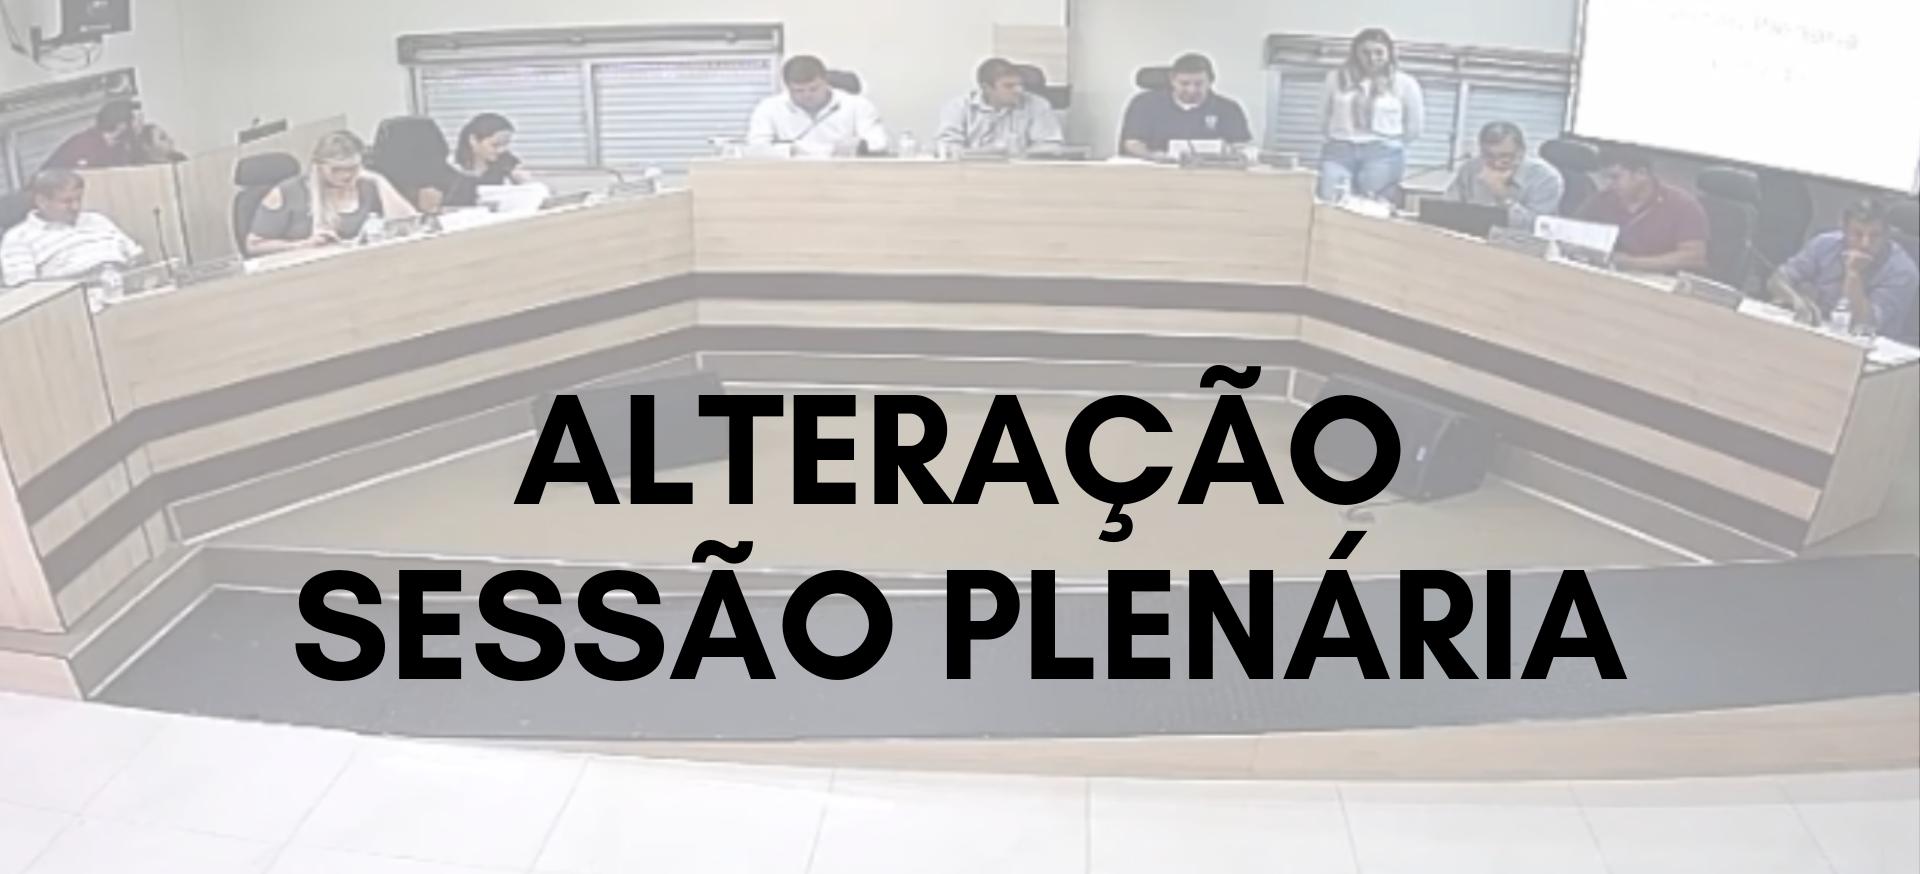 Alteração de horário da Sessão Plenária de 14 de maio de 2019